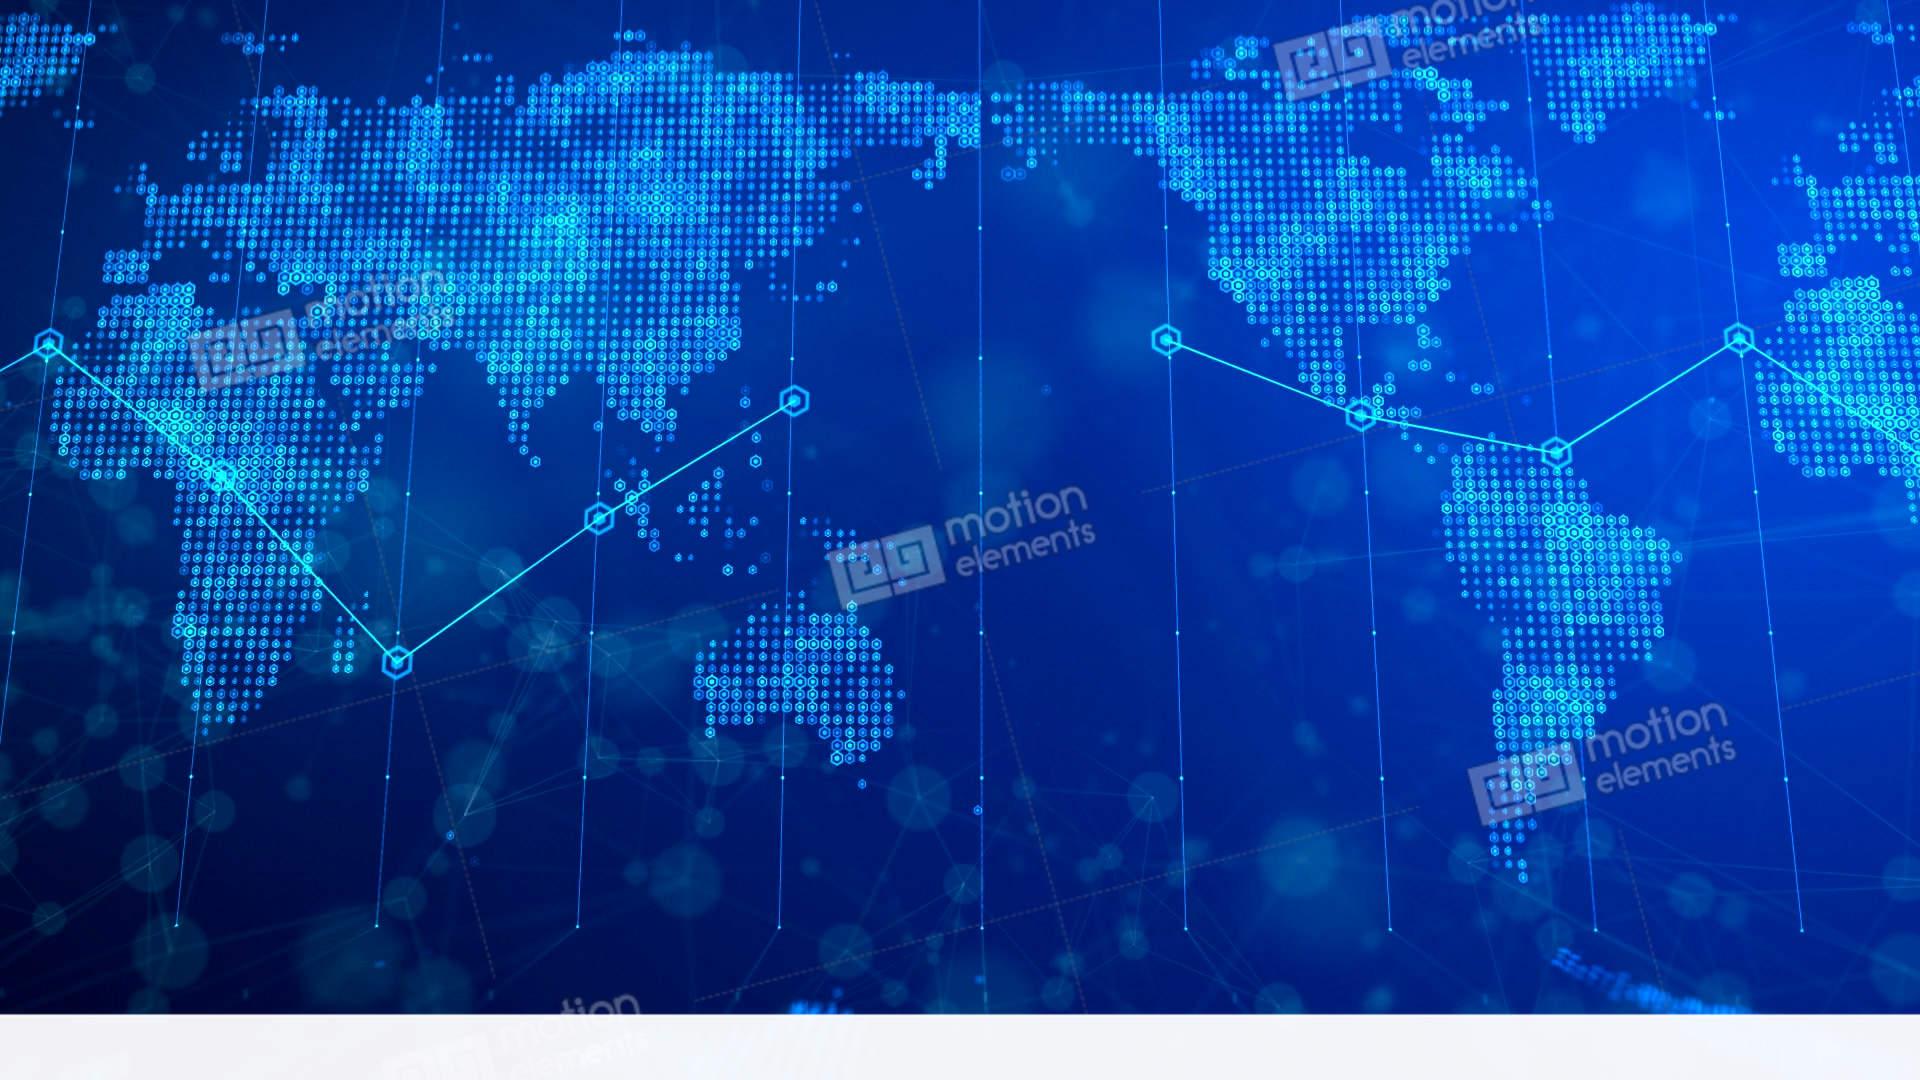 Digital world map background 02 stock animation 11465591 digital world map background 02 stock video footage gumiabroncs Images